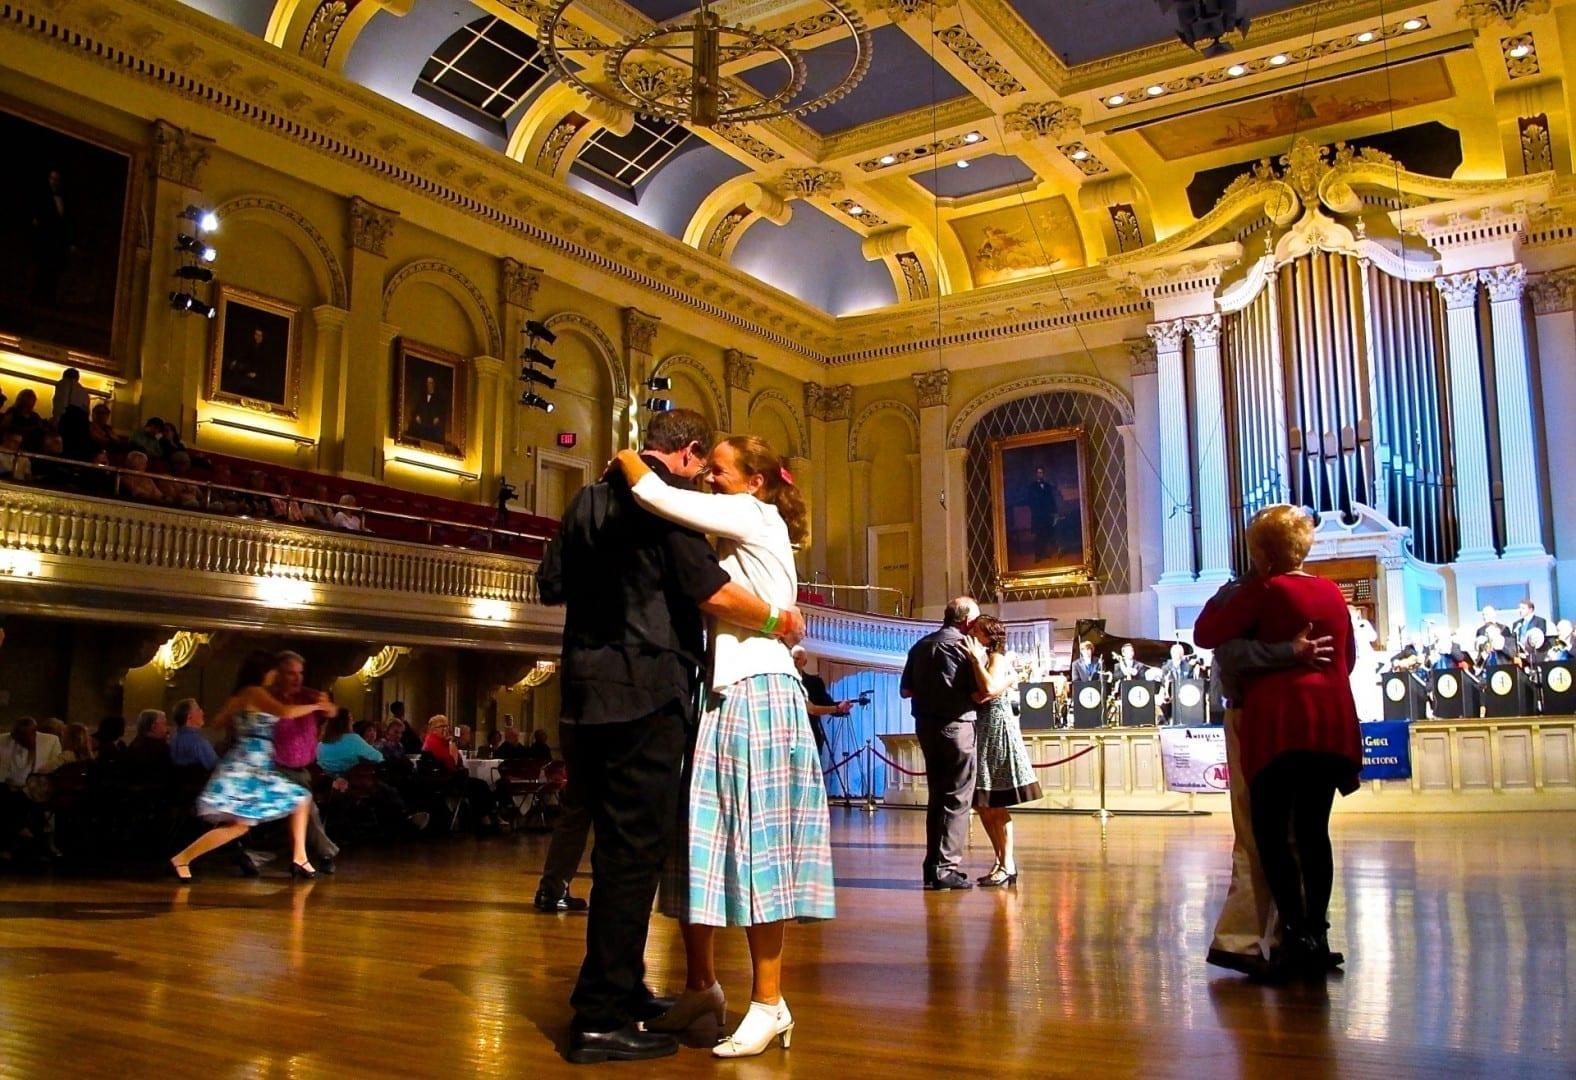 Salón de Mecánica Interior, danza, Worcester, MA Worcester MA Estados Unidos